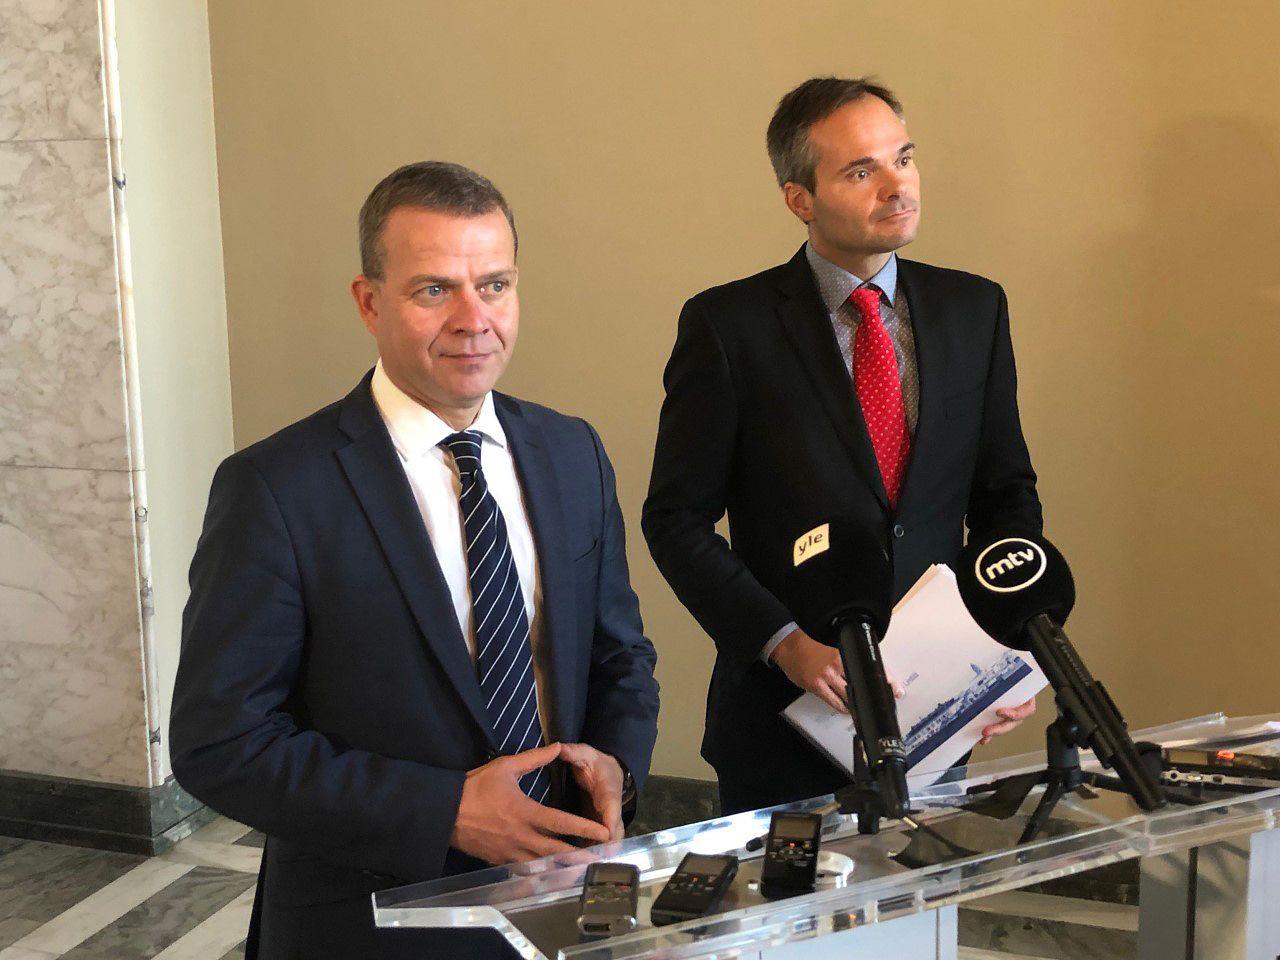 Kokoomuksen puheenjohtaja Petteri Orpo ja eduskuntaryhmän johtaja Kai Mykkänen esittelivät välikysymystä perjantaina eduskunnassa tiedotusvälineille.